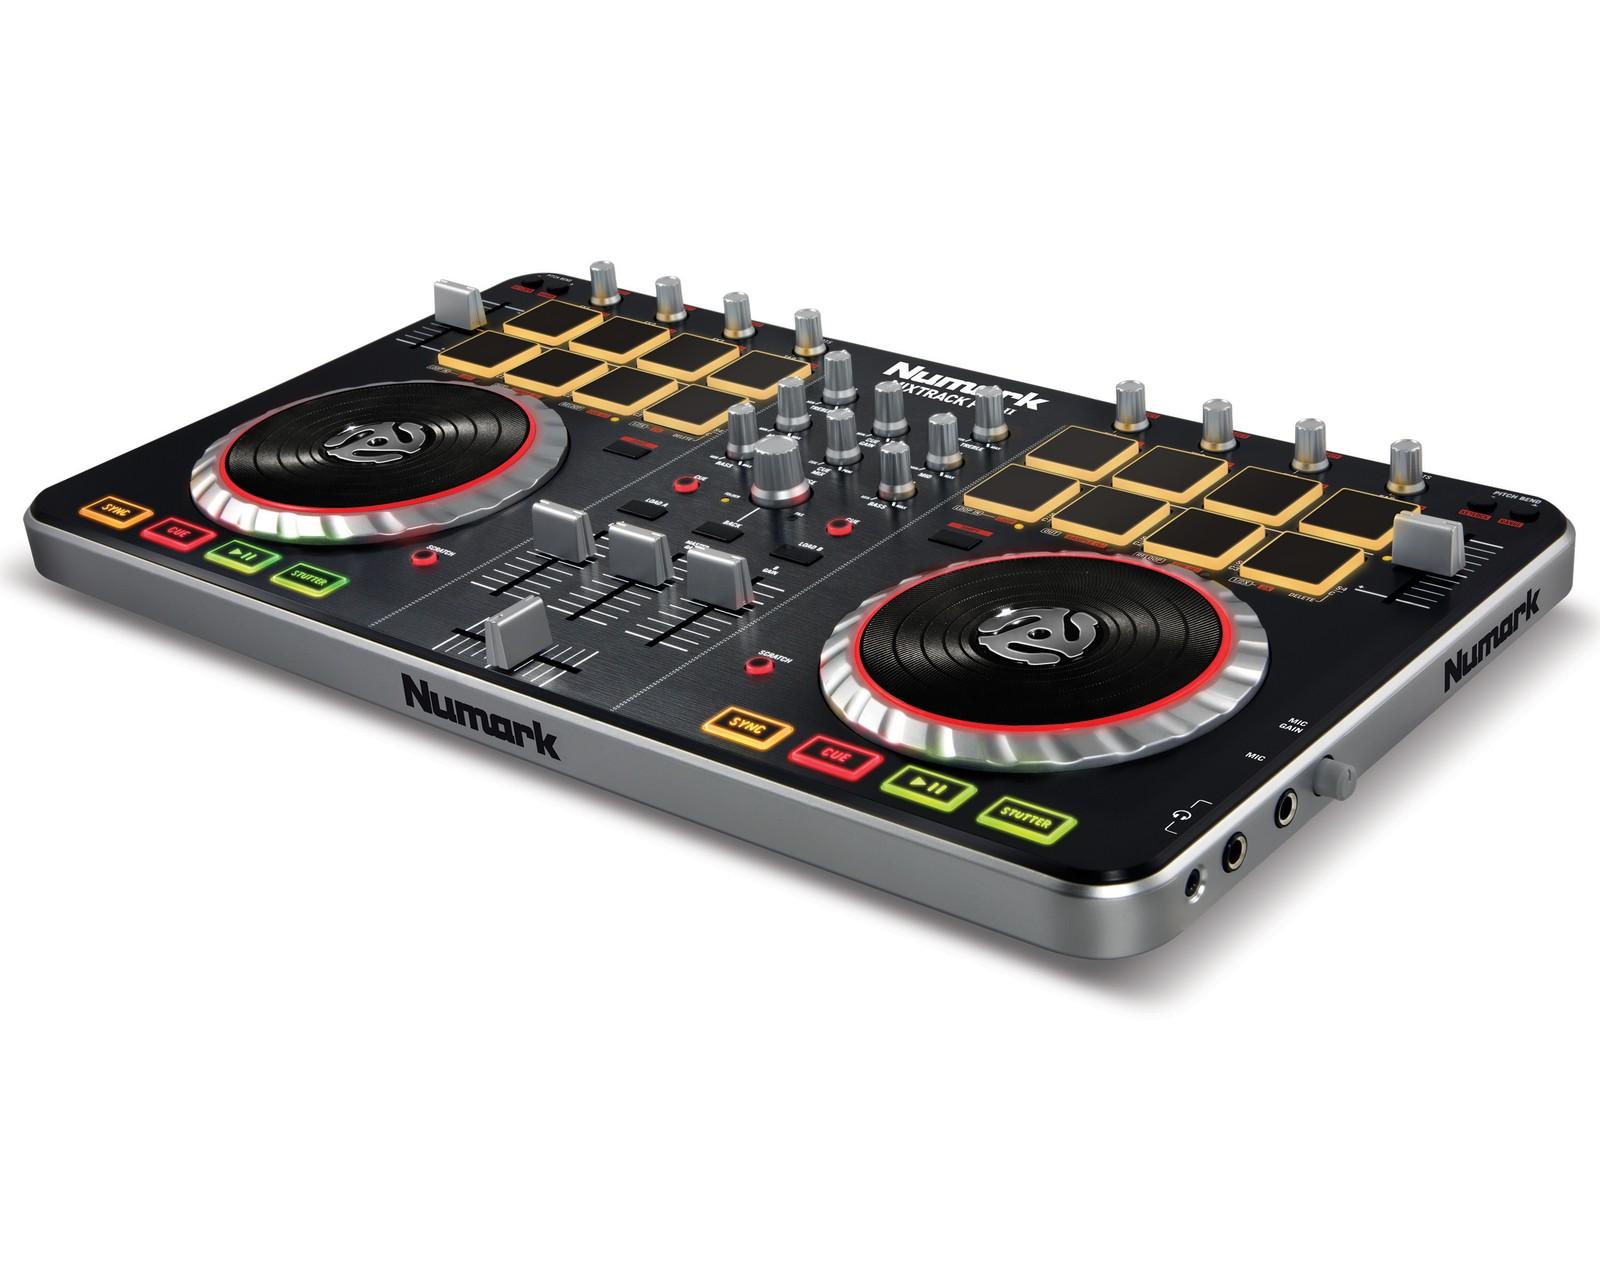 Numark Mixtrack Pro Ii : numark mixtrack pro ii dj controller introduced ~ Hamham.info Haus und Dekorationen